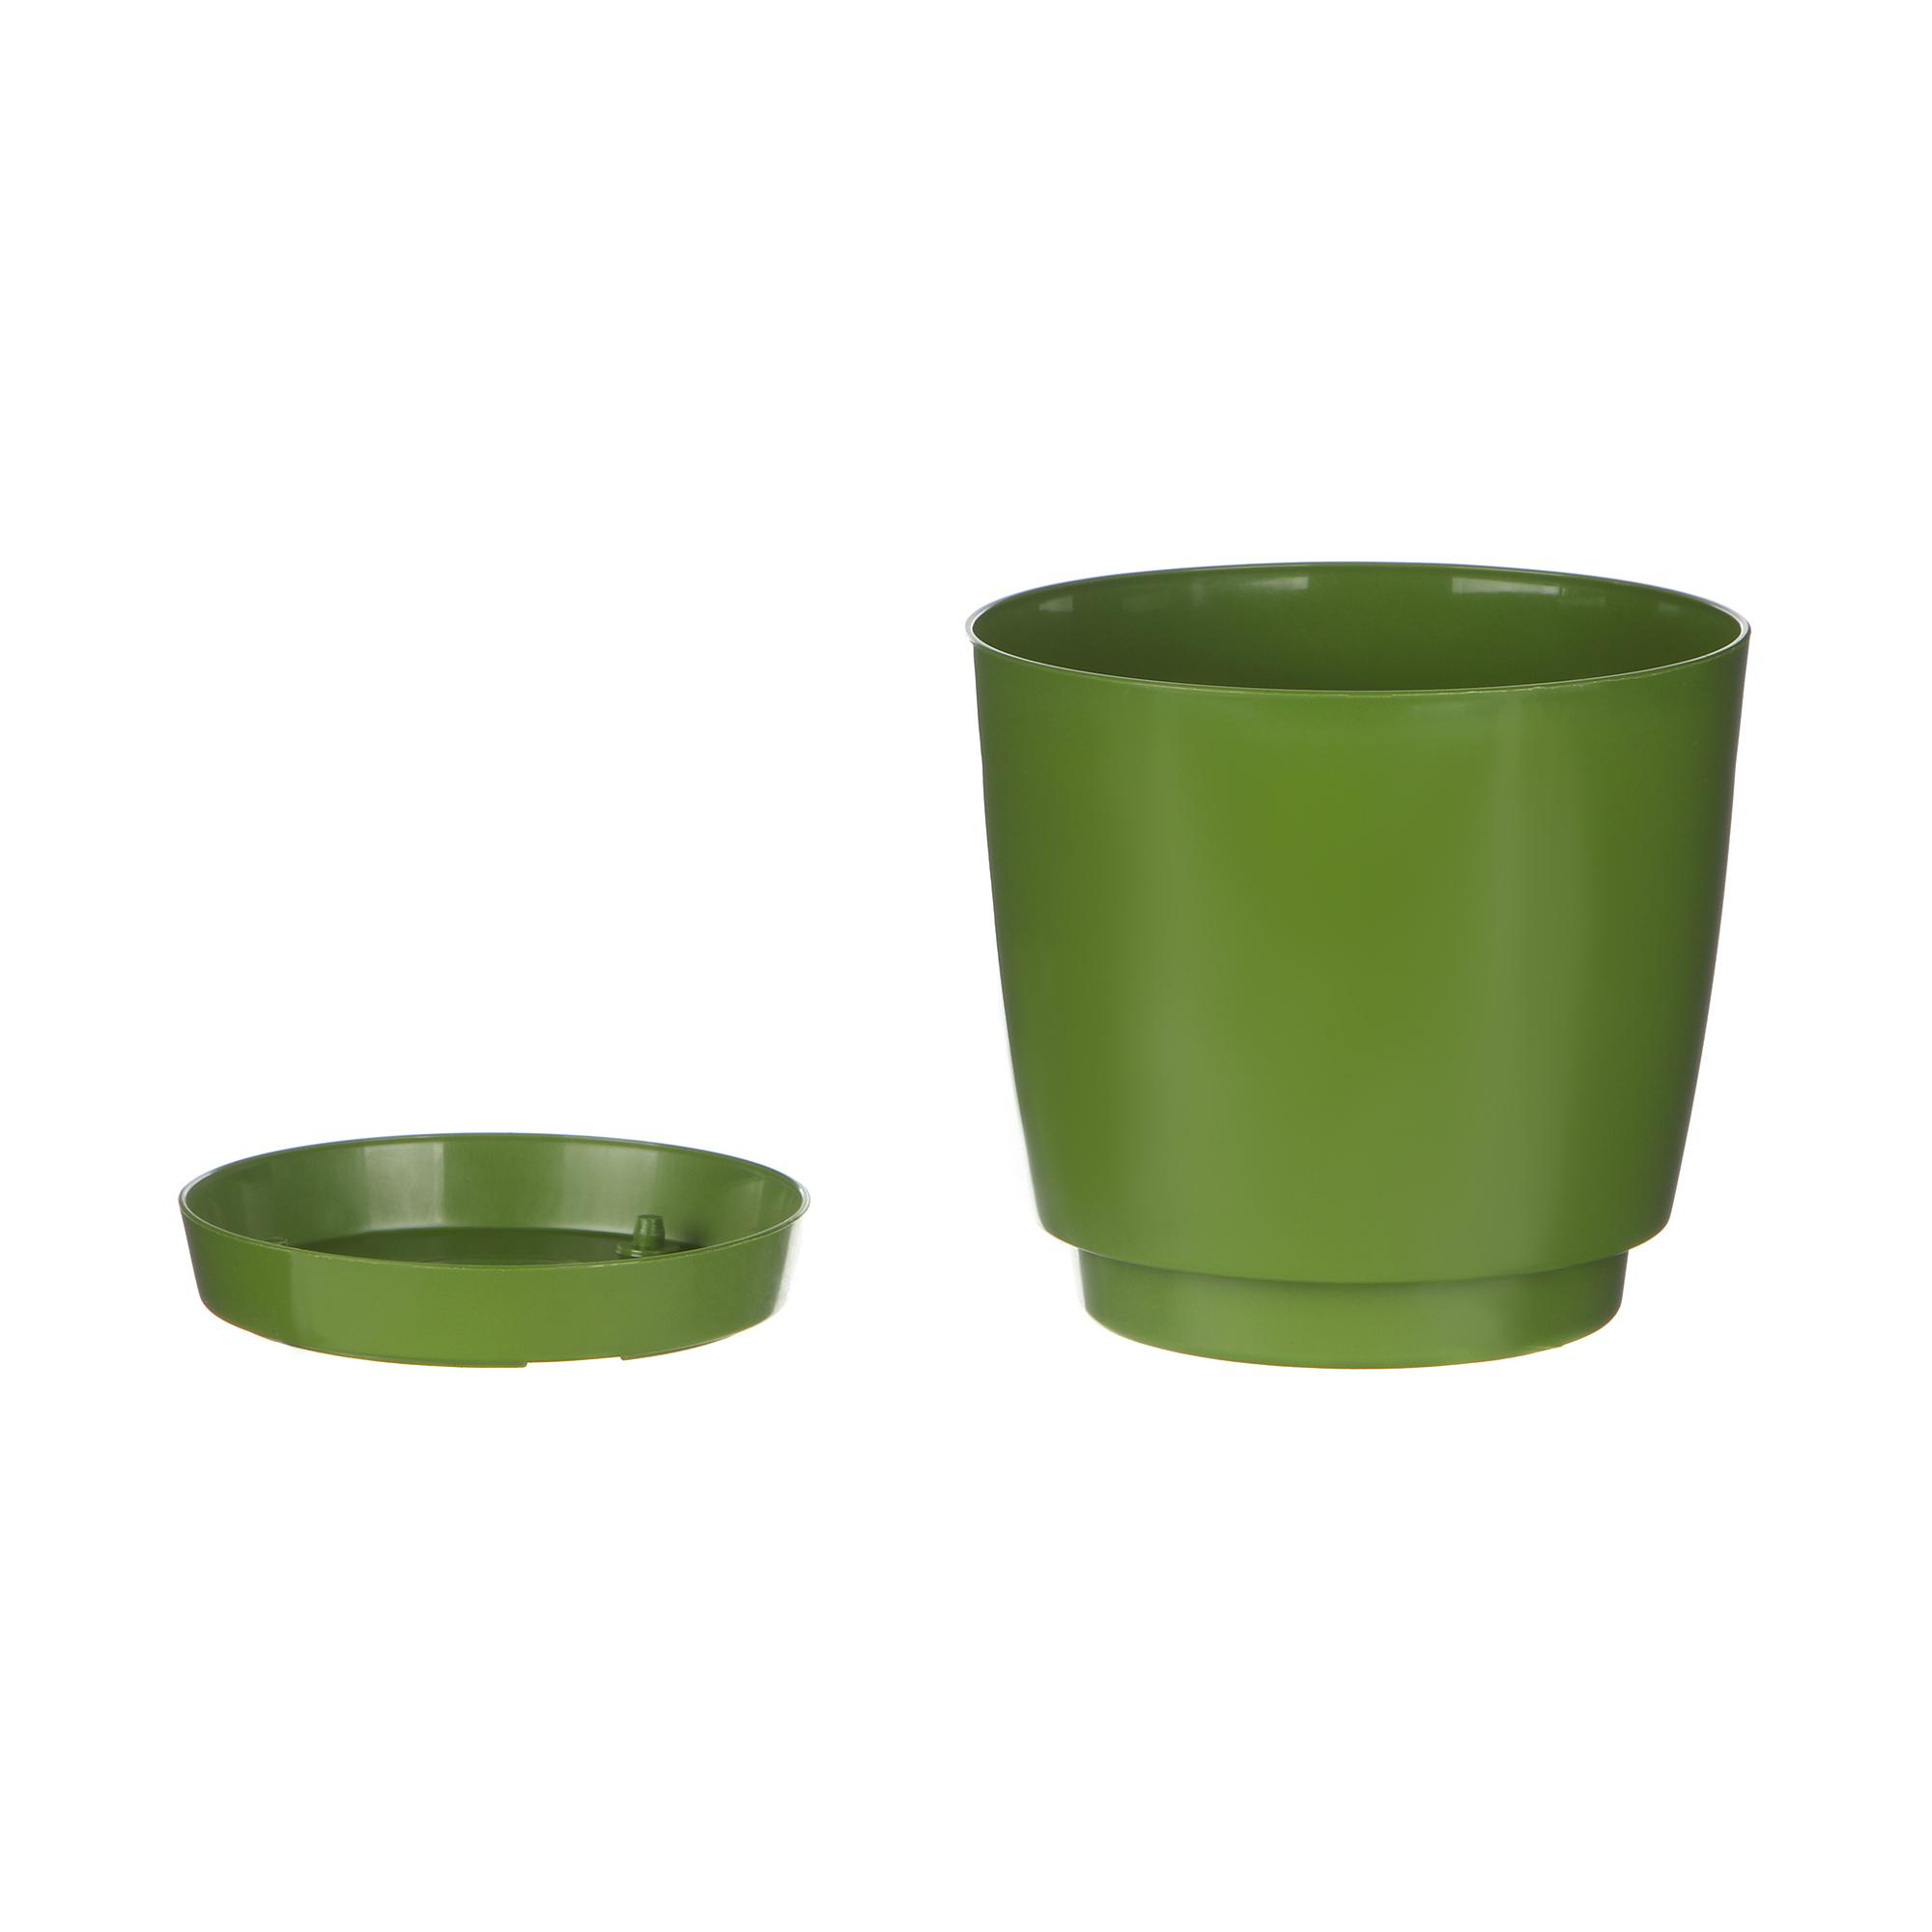 Кашпо Prosperplast coubi 10см оливковое